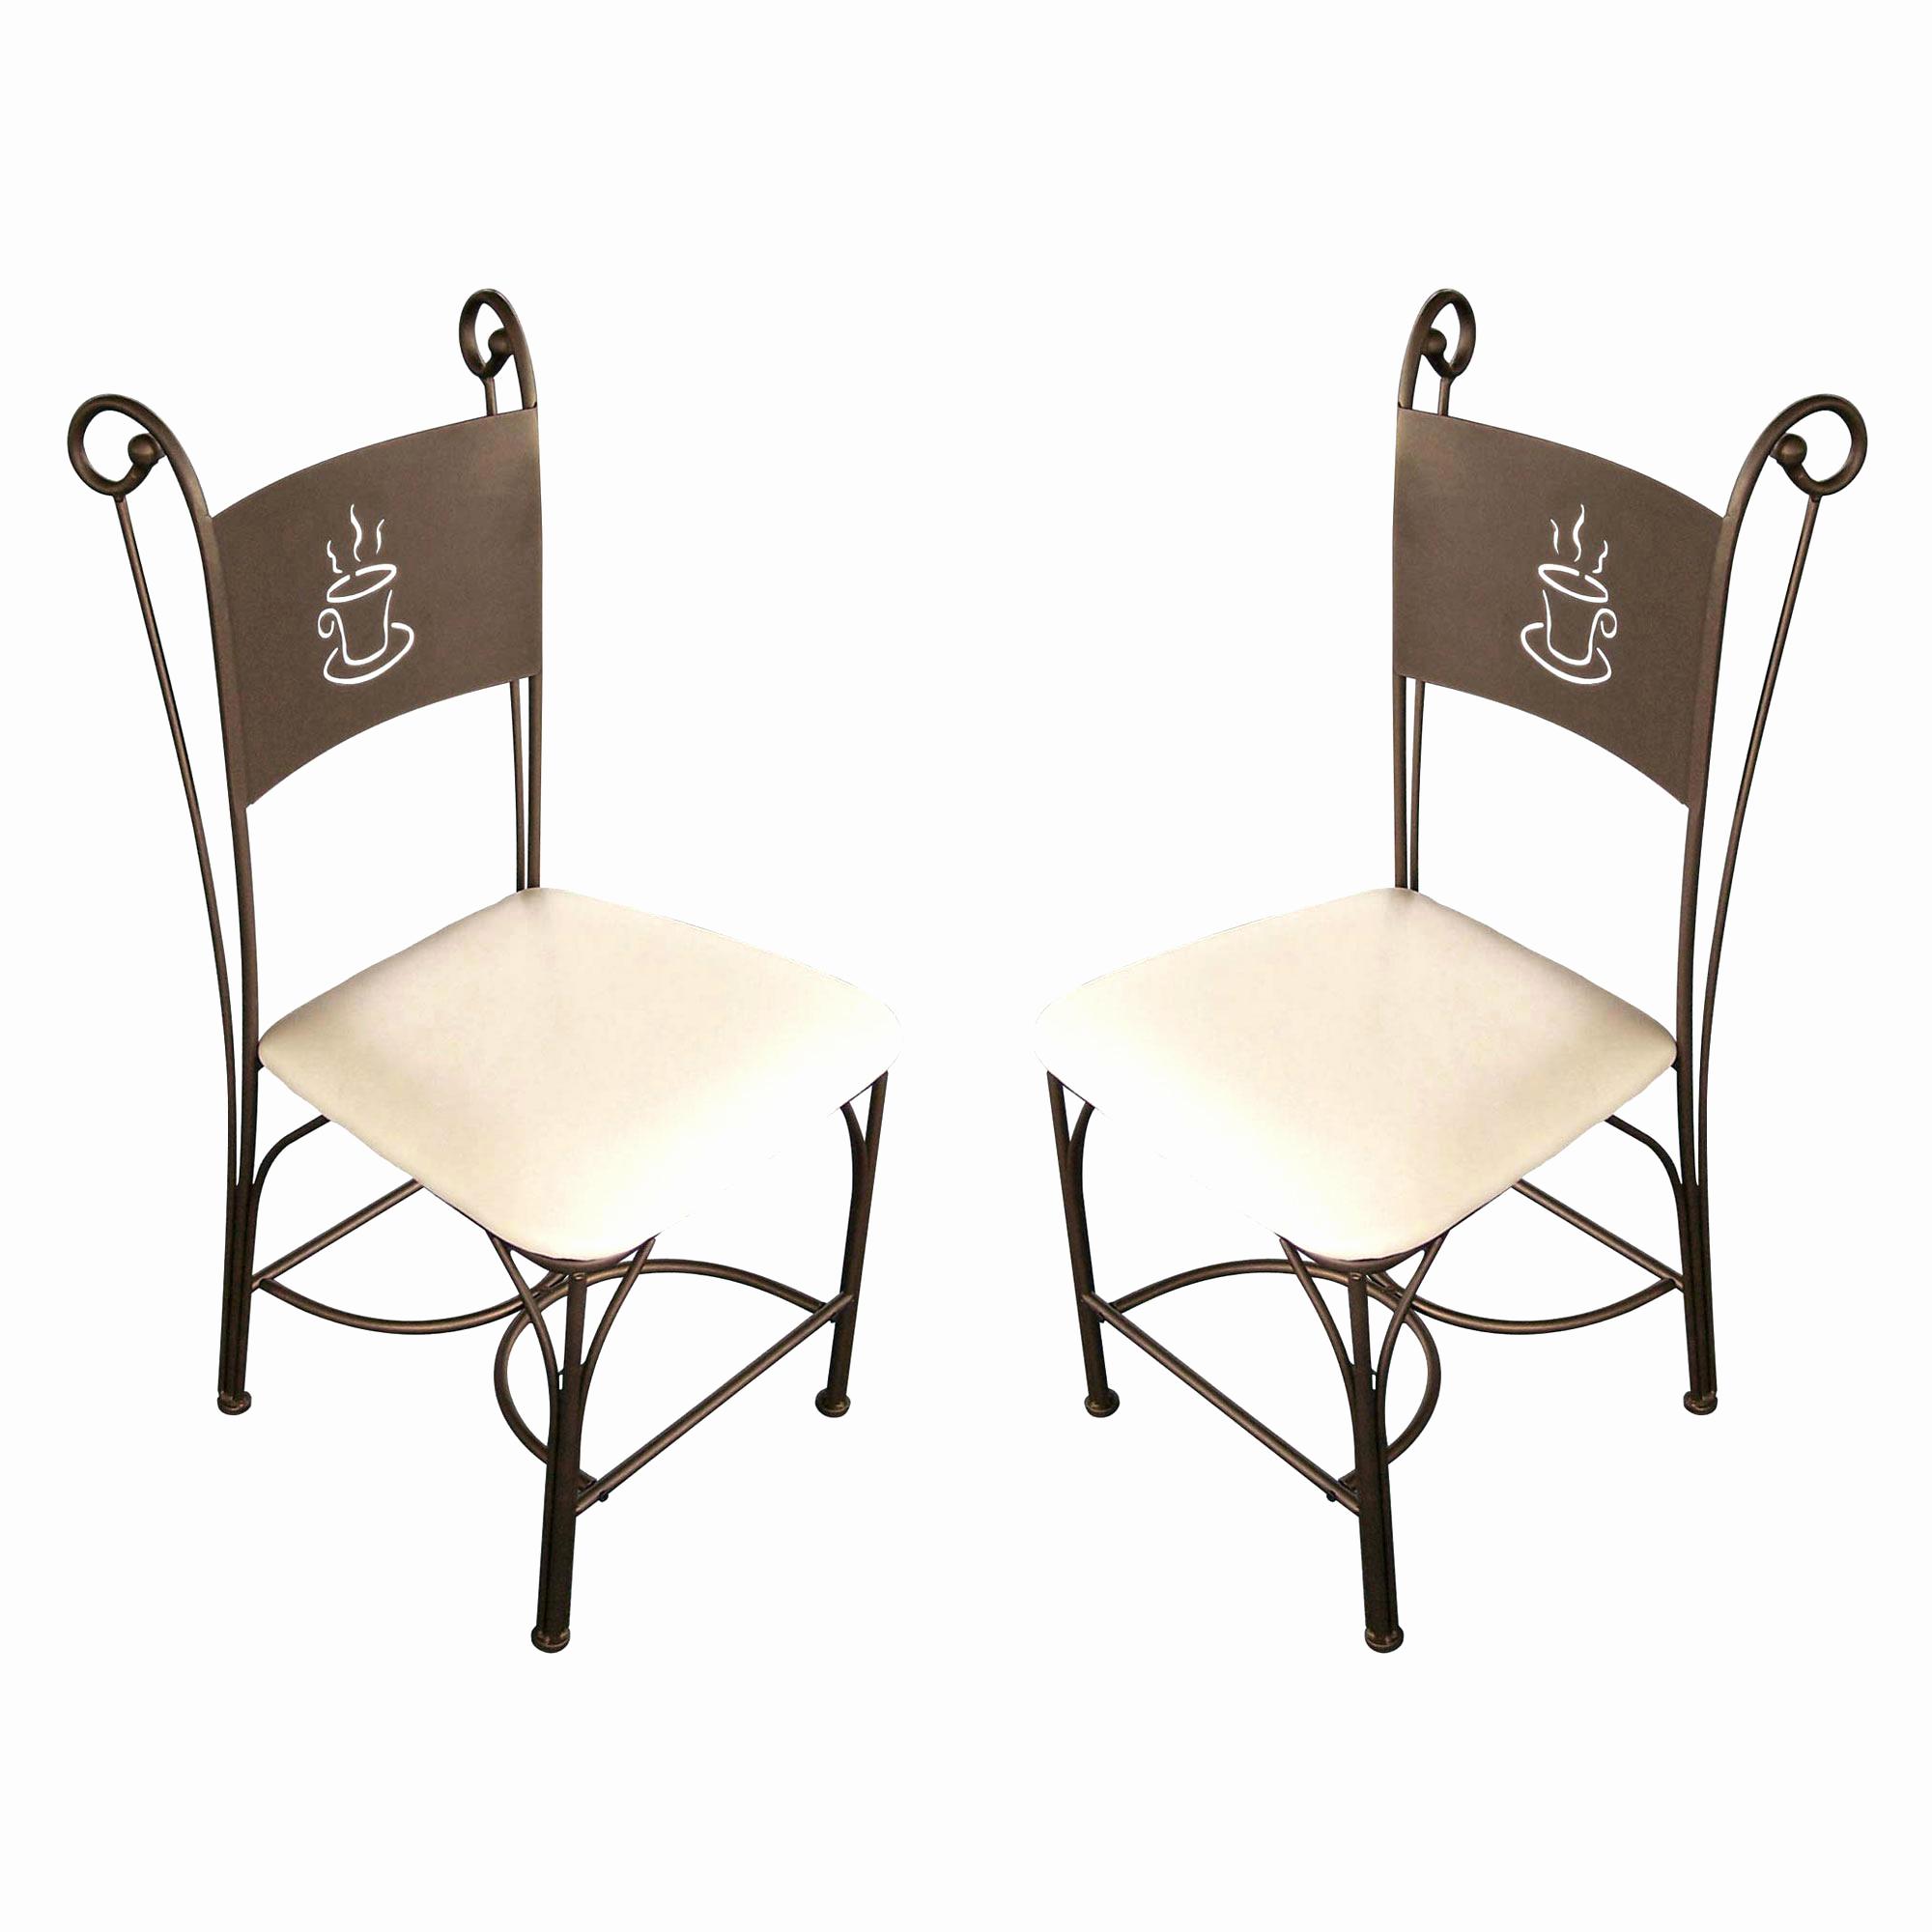 Le Bon Coin Salon De Jardin Fer forge Impressionnant Stock Chaise En Fer forgé Et Bois Beau Frais De Table Basse De Jardin En